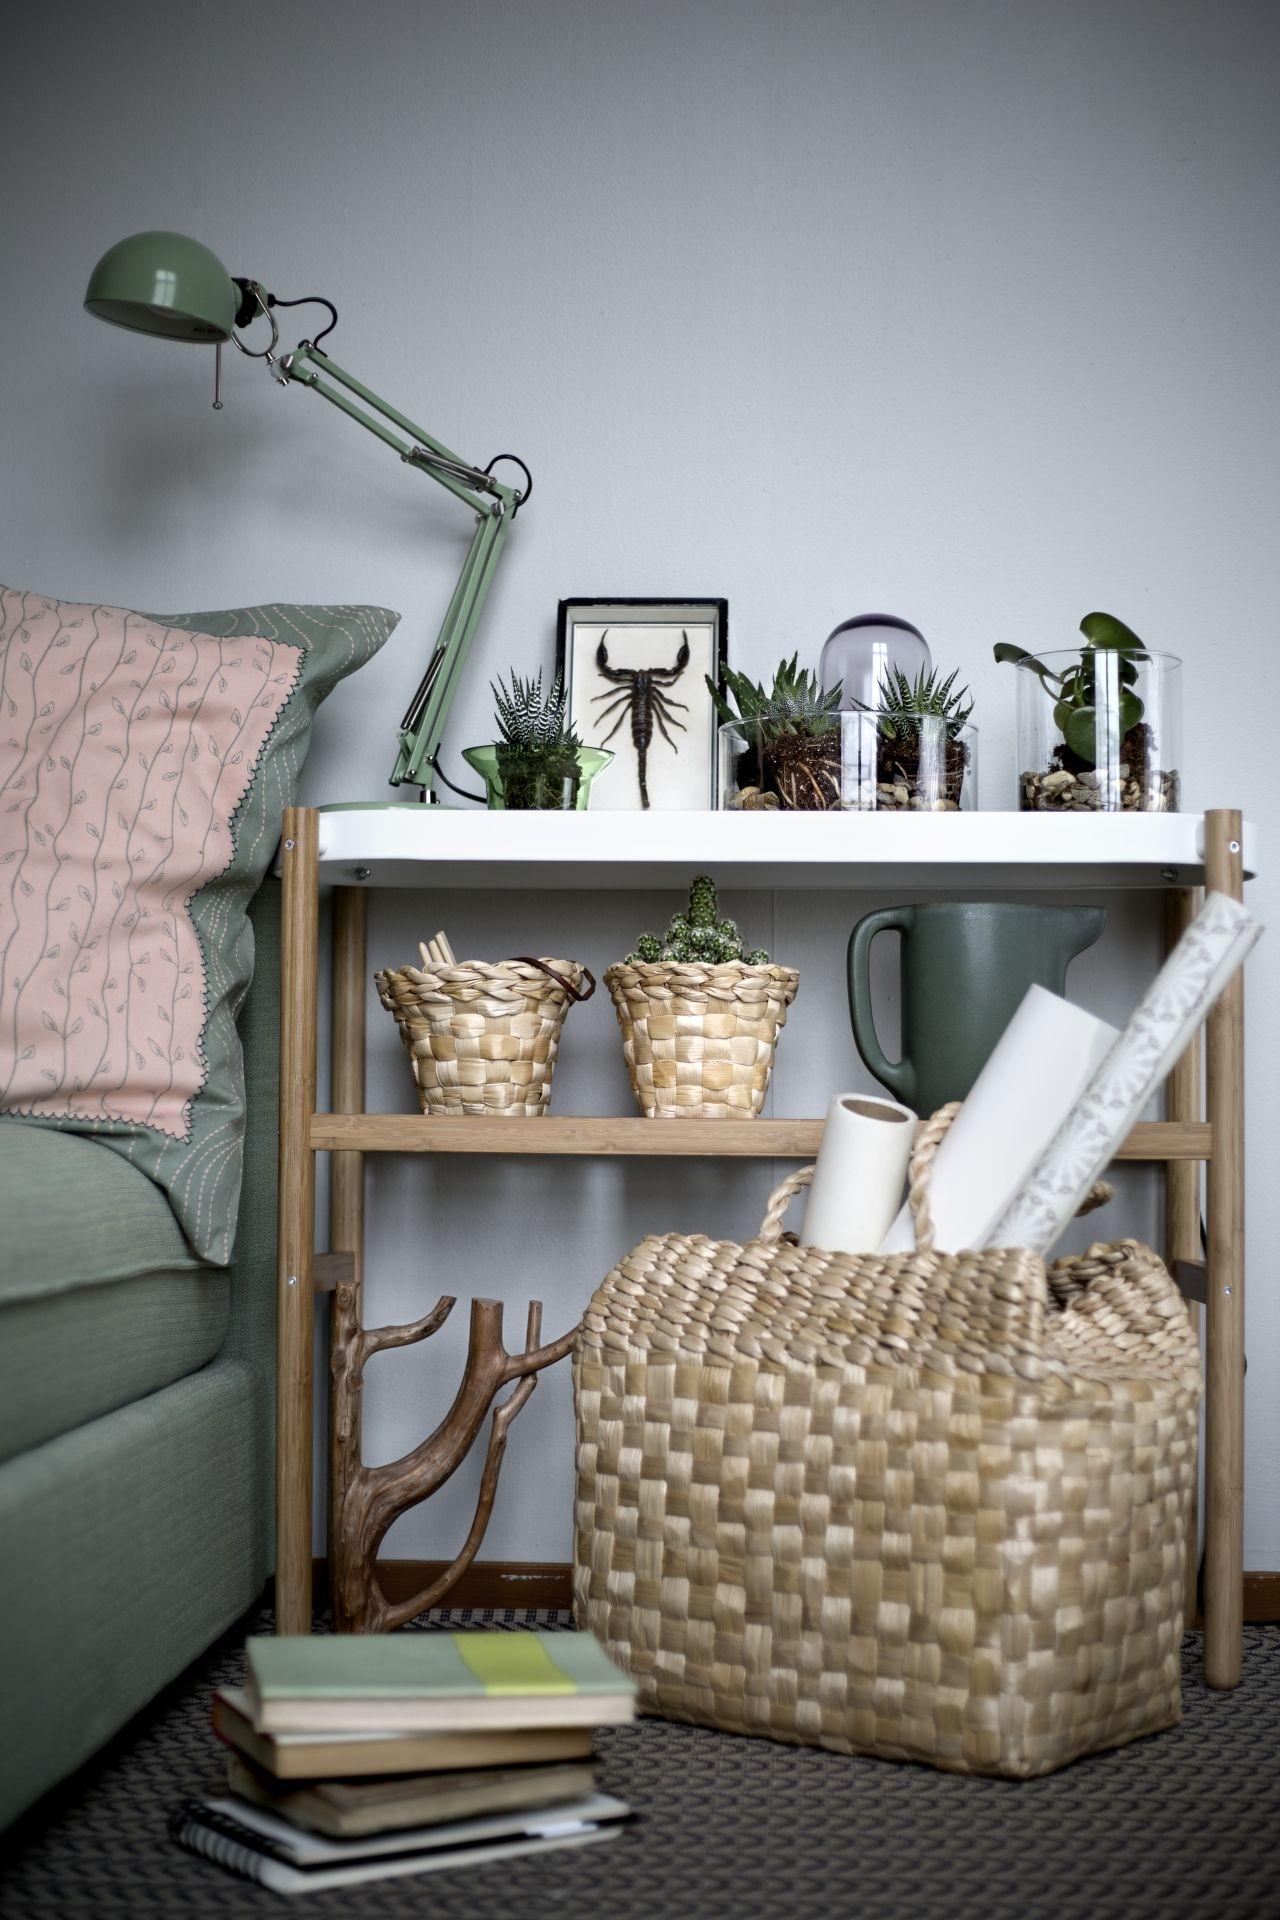 ikea deutschland die neuen hemgjord k rbe werden handangefertigt in karnataka indien und sind. Black Bedroom Furniture Sets. Home Design Ideas